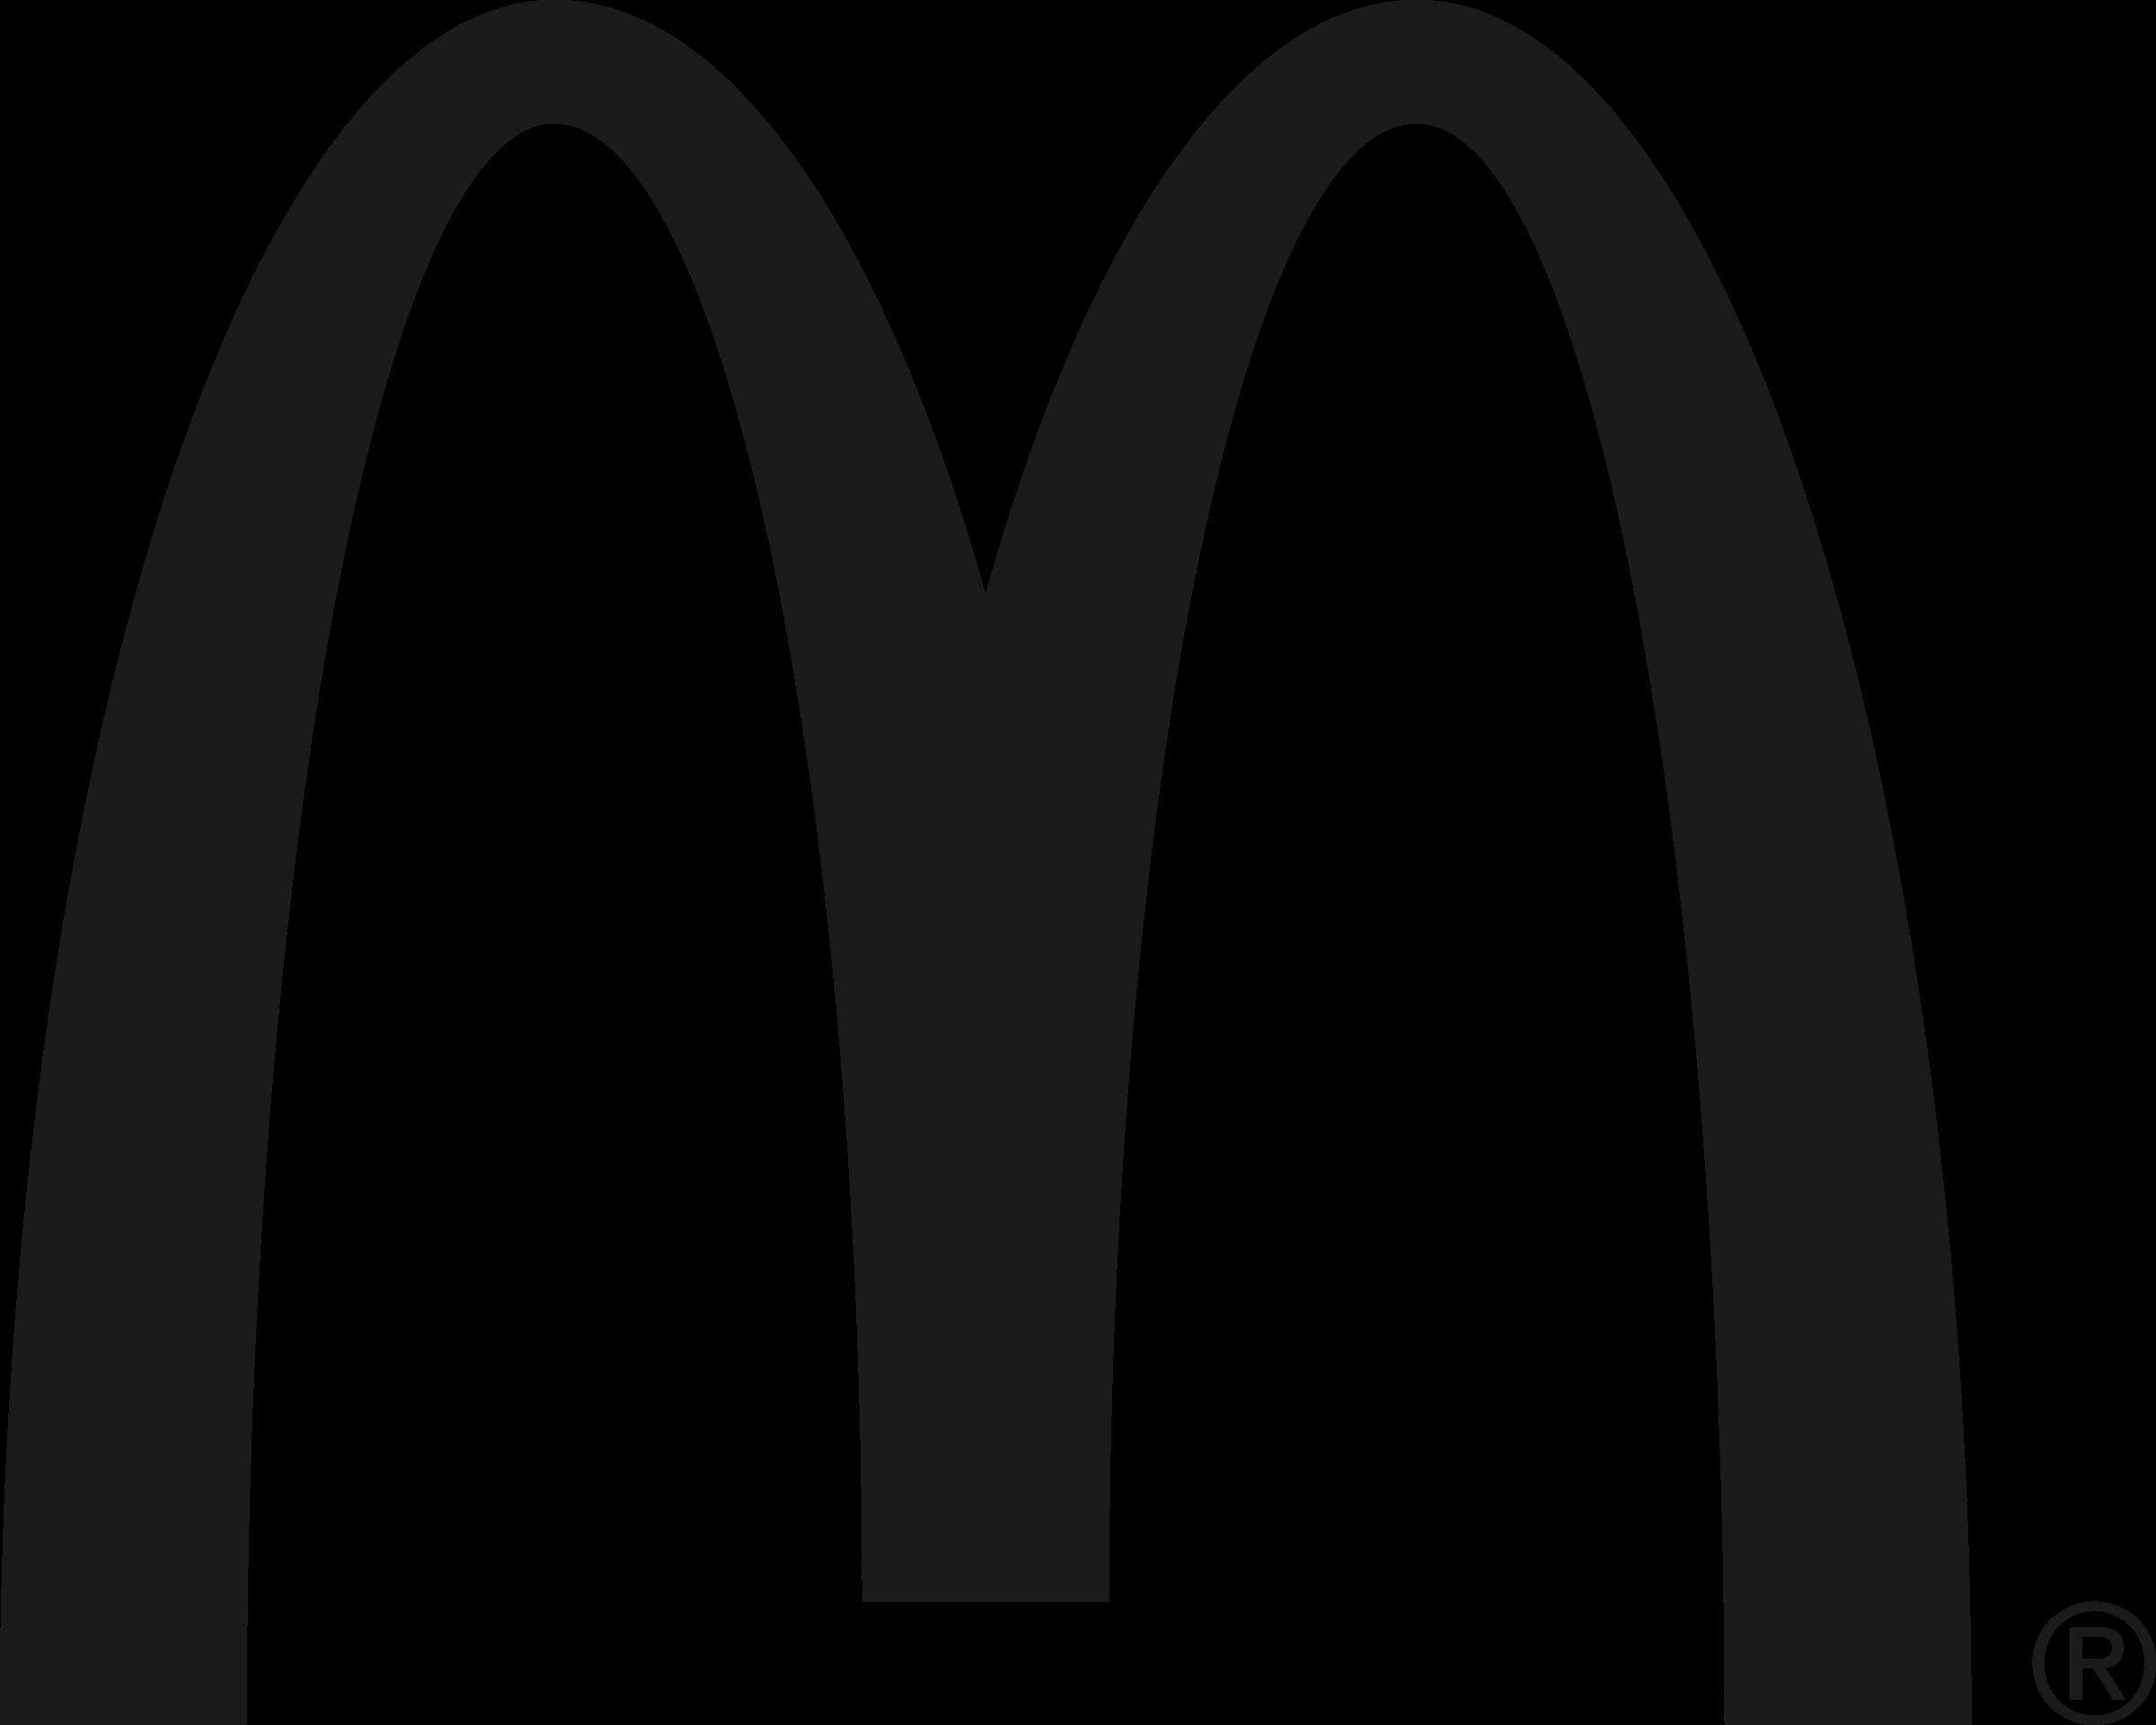 Mcdonalds clipart arch mcdonalds, Mcdonalds arch mcdonalds.